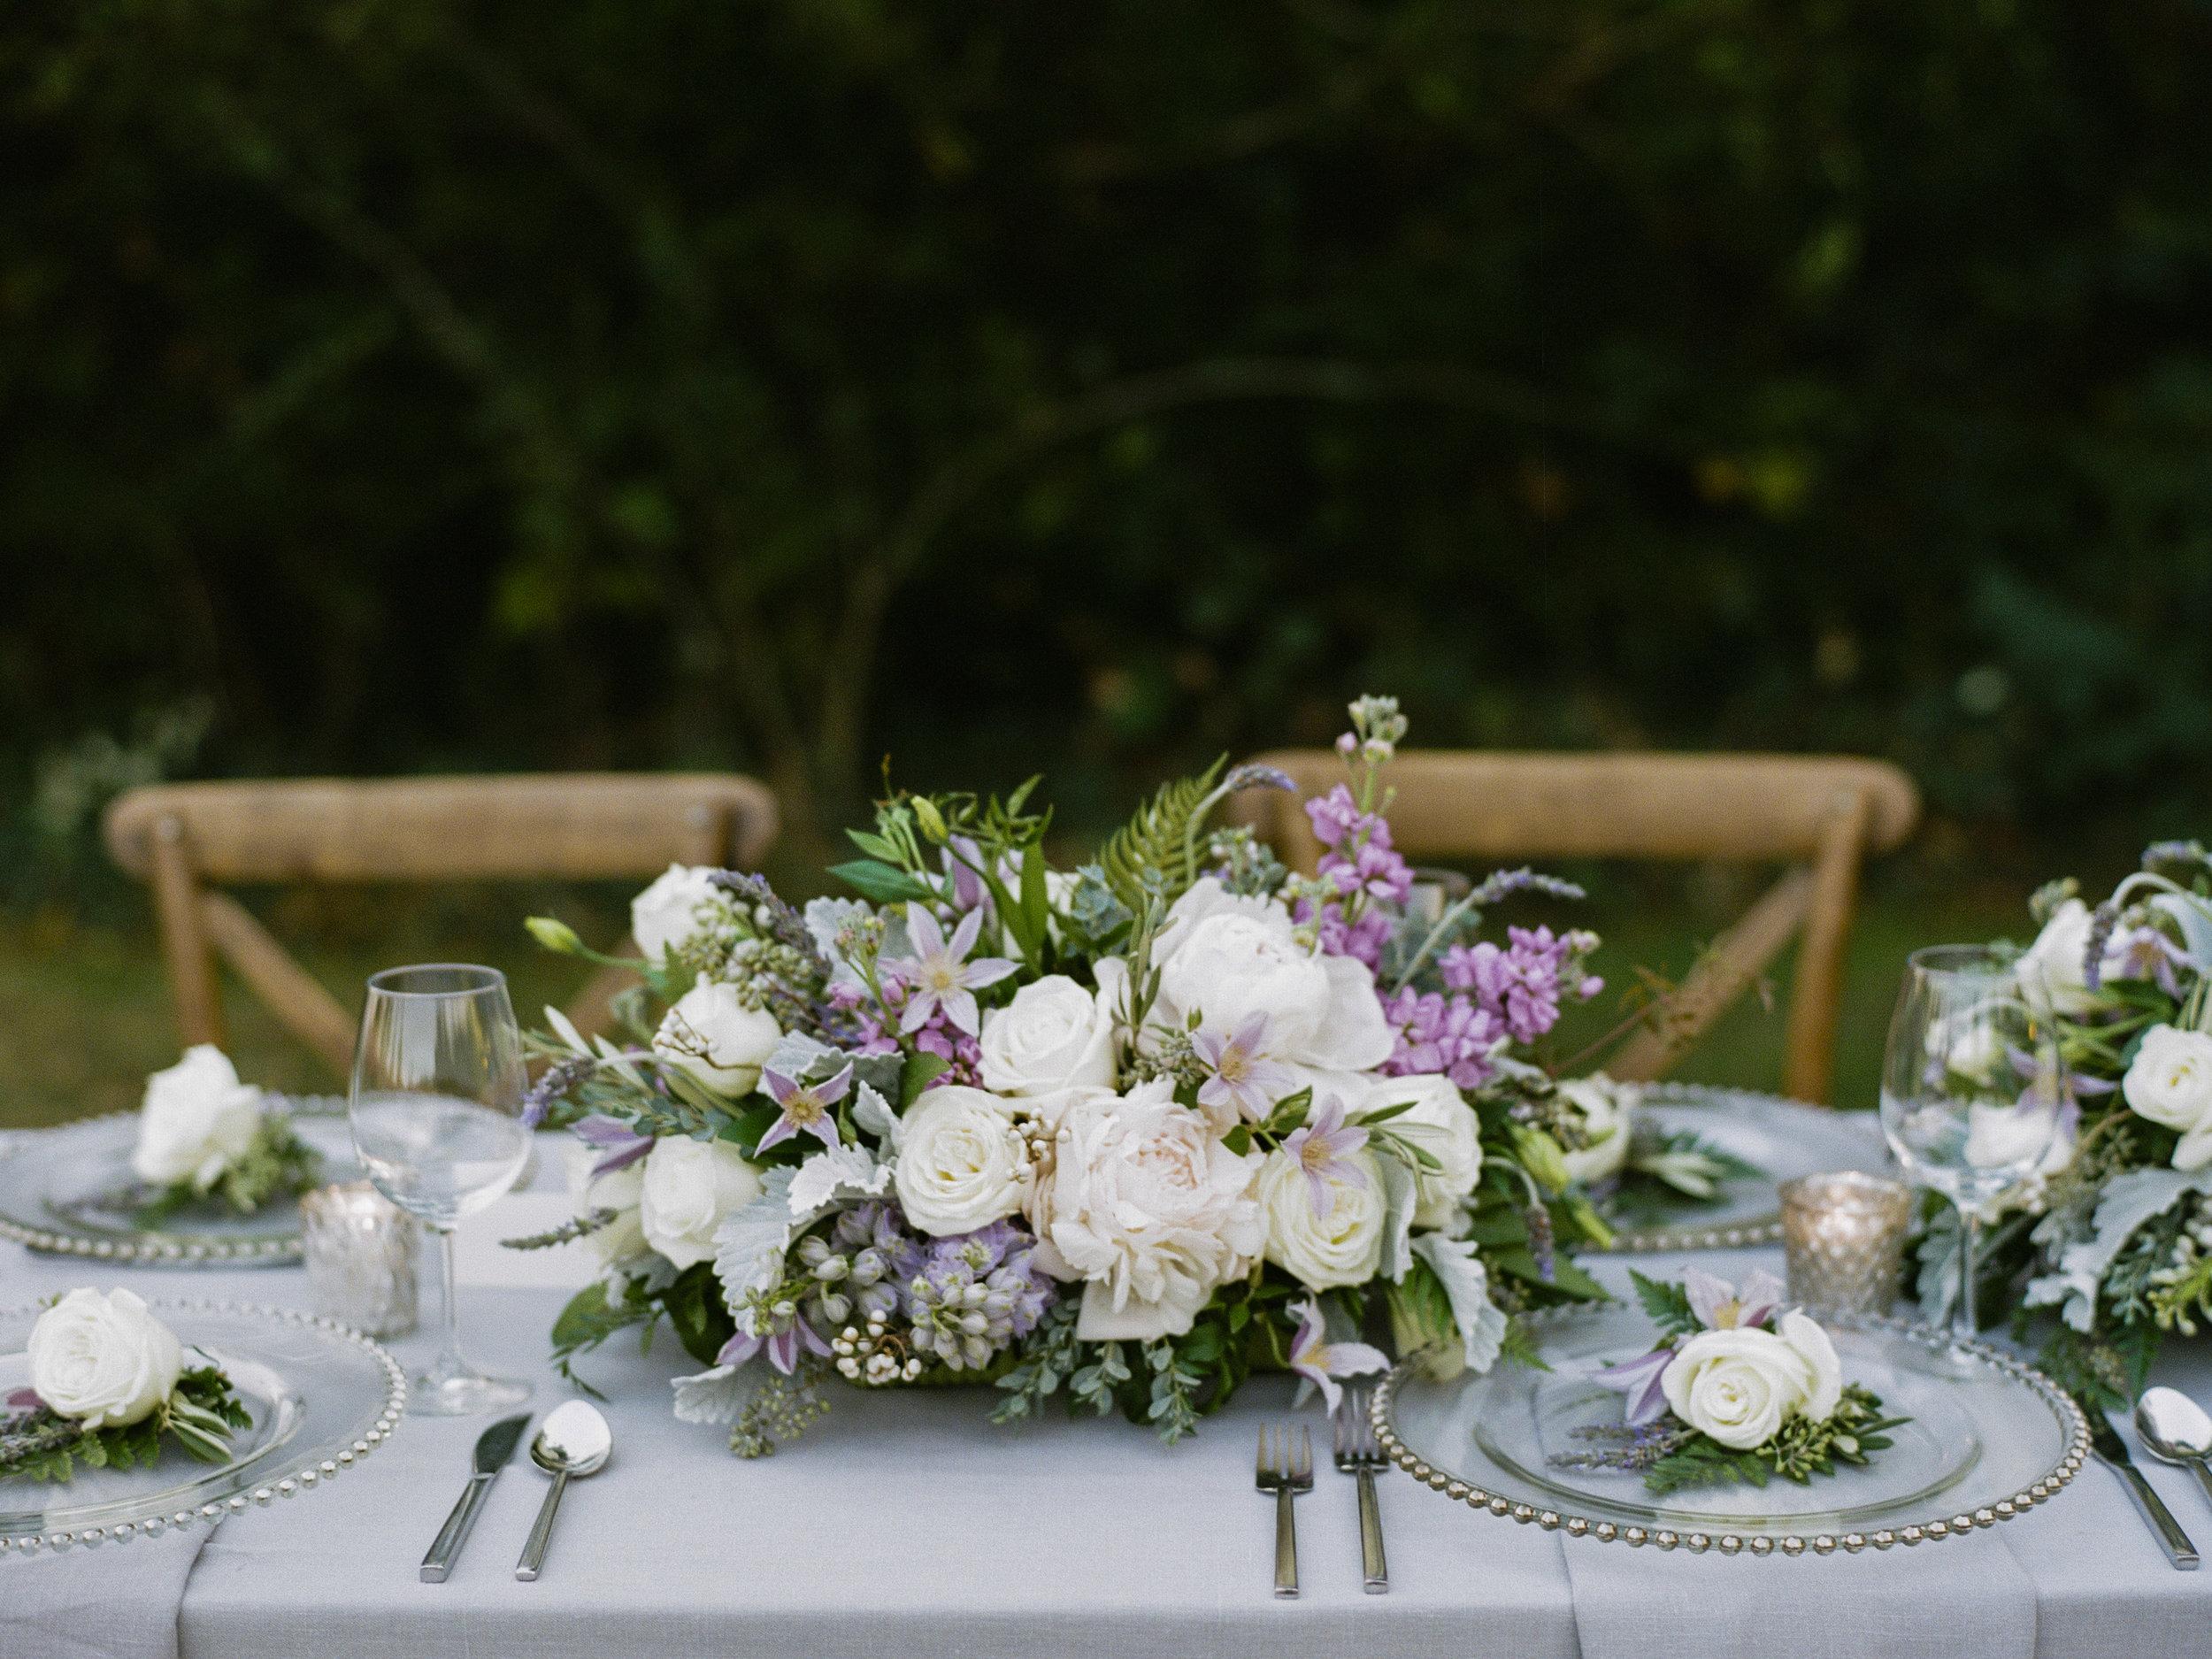 Violette-fleurs-roseville-sacramento-california-Flower-farm-inn-upscale-elegant-wedding-florist-spring-tablescape-blush-purples.jpg